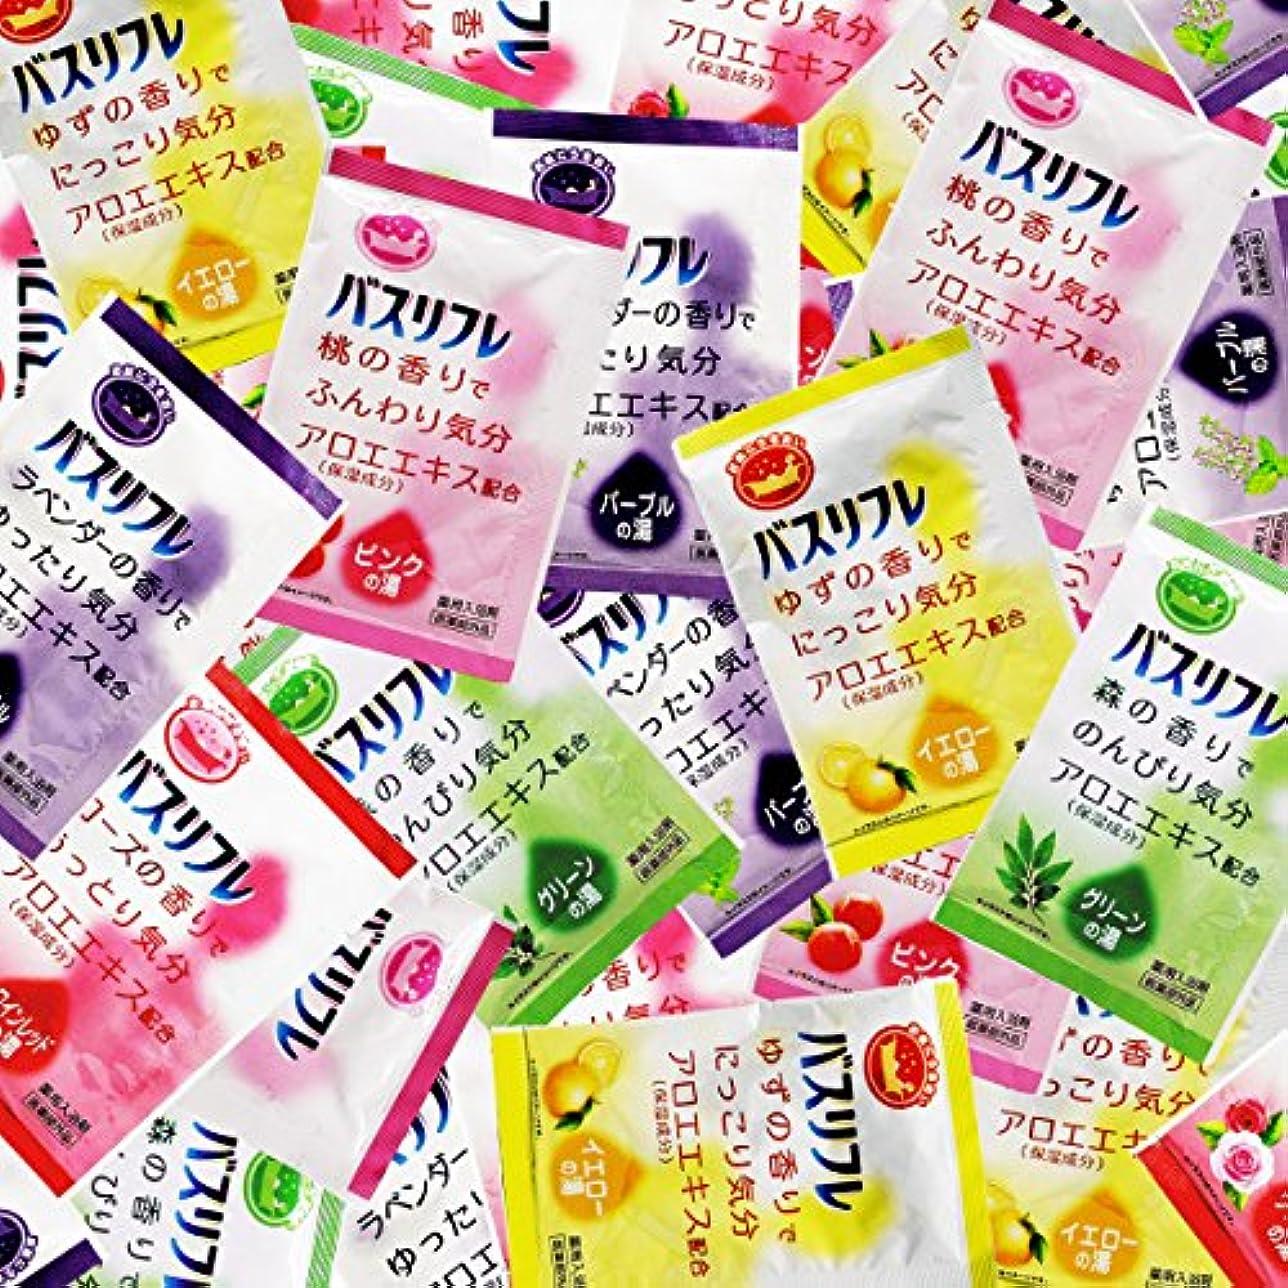 不振官僚カロリー薬用入浴剤 バスリフレ 5種類の香り アソート 120袋セット 入浴剤 詰め合わせ 人気 アロマ 福袋 医薬部外品